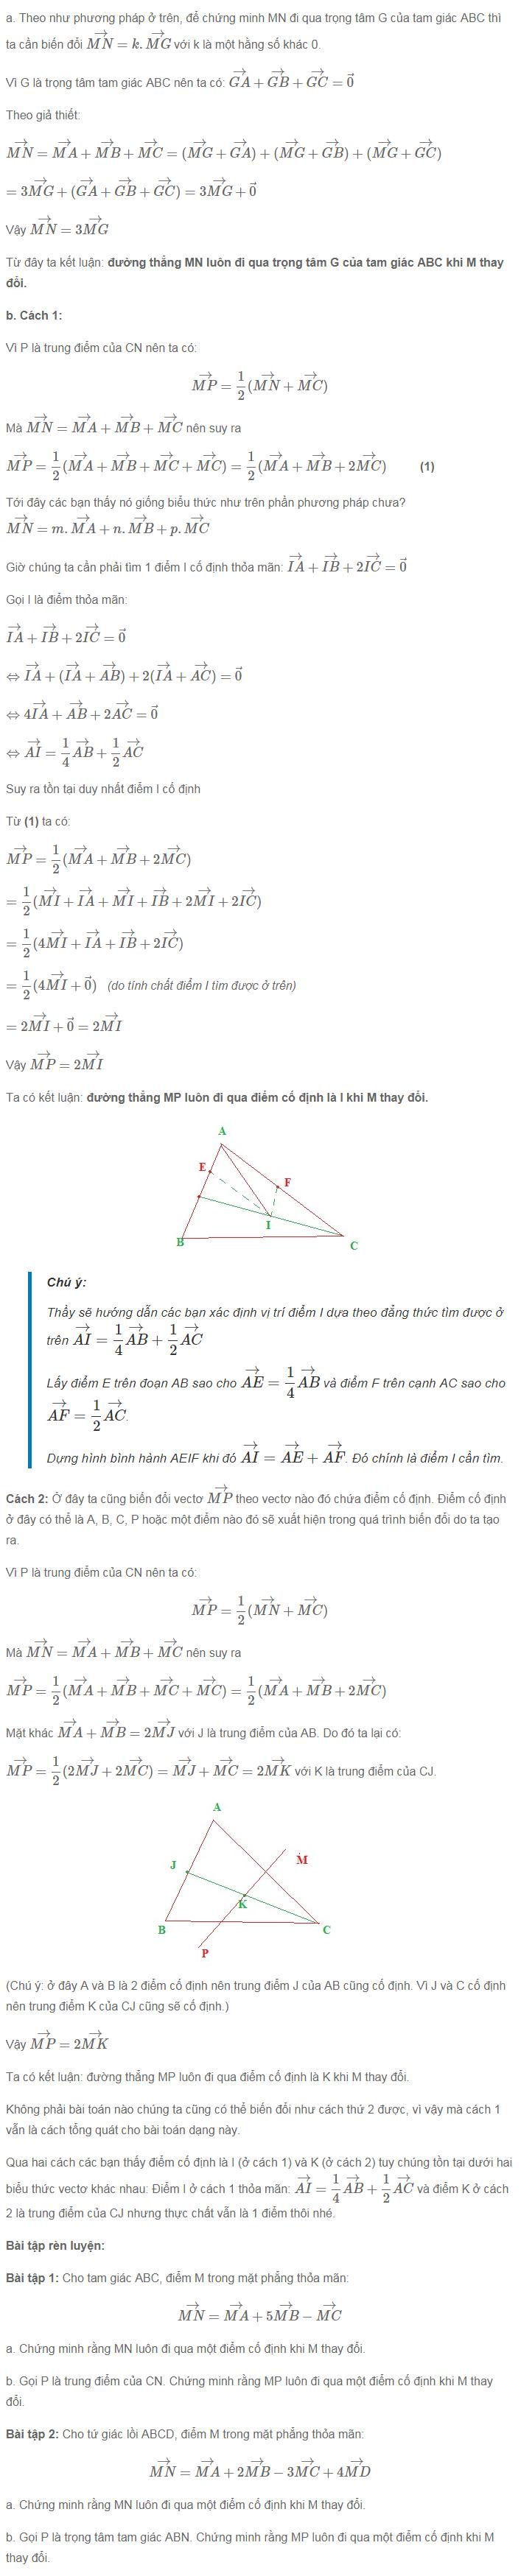 Cách chứng minh đường thẳng đi qua điểm cố định bằng vectơ-3